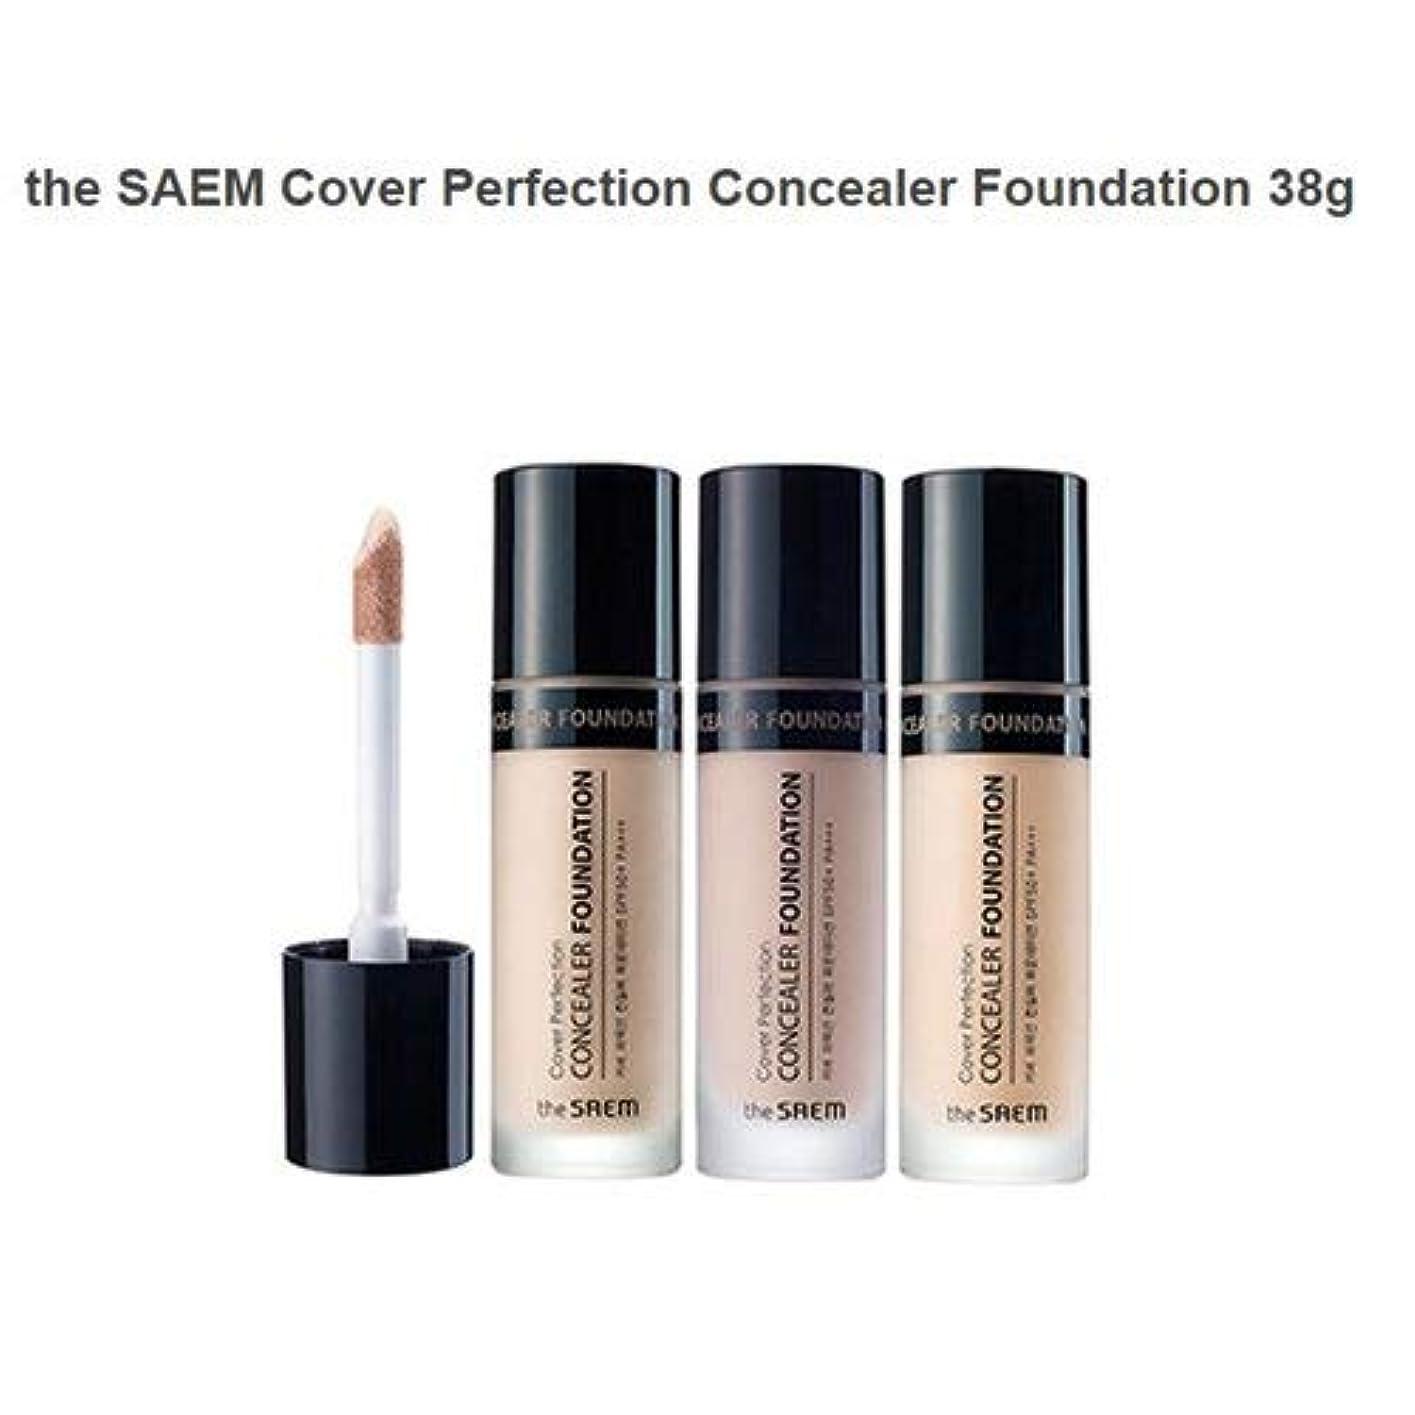 書誌恐怖メディア【The Saem】カバーパーフェクションコンシーラーファンデーション Cover Perfection CONCEALER FOUNDATION 【SPF50+ PA+++】 ((ConclearFoundation)...